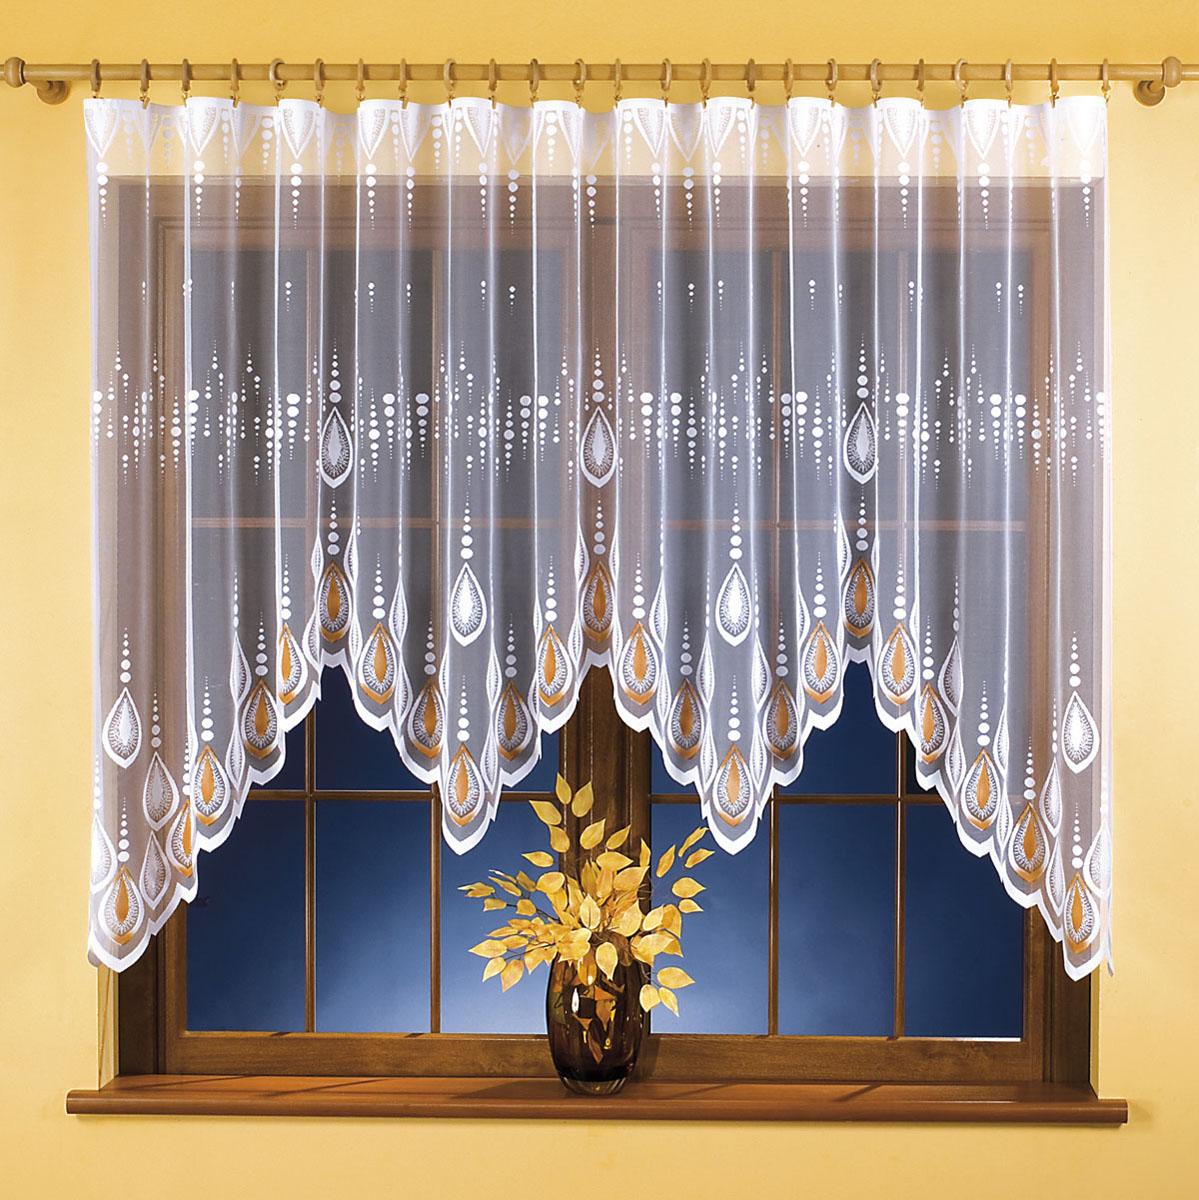 Штора для кухни Wisan, на ленте, цвет: белый, оранжевый, высота 120 см. 95181004900000360Штора Wisan, выполненная из легкого полупрозрачного полиэстера белого цвета, станет великолепным украшением кухонного окна. Изделие имеет ассиметричную длину и красивый орнамент по краю. Качественный материал и оригинальный дизайн привлекут к себе внимание и позволят шторе органично вписаться в интерьер помещения. Штора оснащена шторной лентой под зажимы для крепления на карниз.